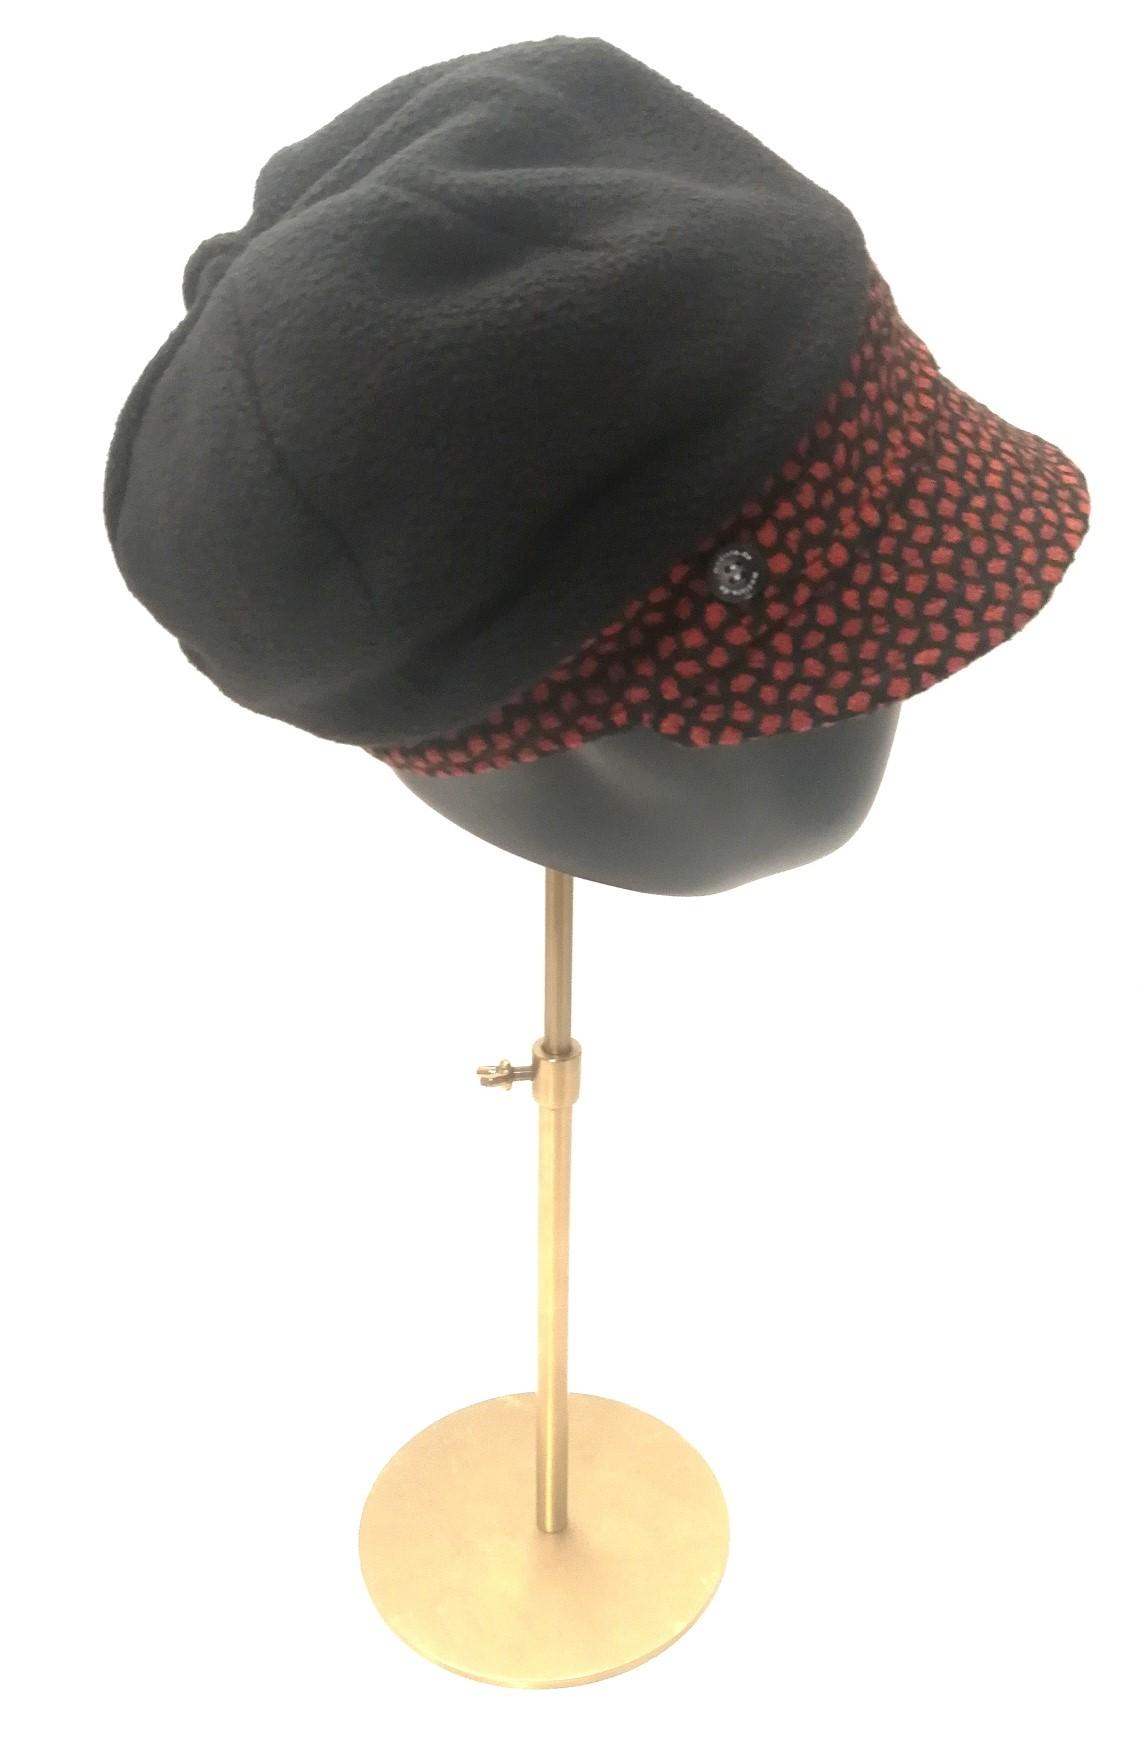 Kuschelige Mütze aus Polarfleece und Wollstoff mit Innenfutter aus Viskose.  Manufakturarbeit :-) 59,90 € - bestellbar